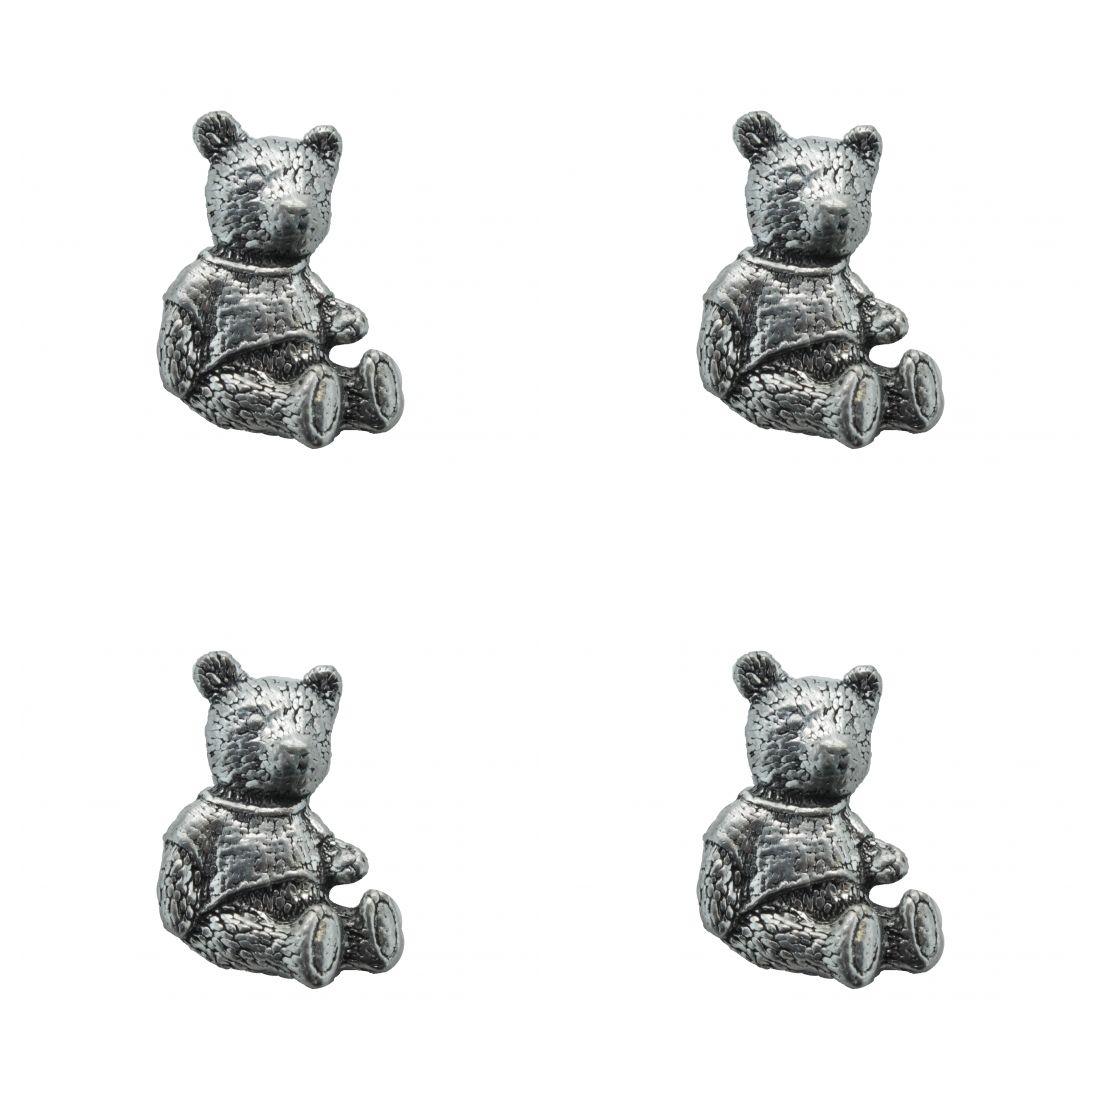 4x Pin Anstecker Badge Teddybär, 3,2x2,2cm